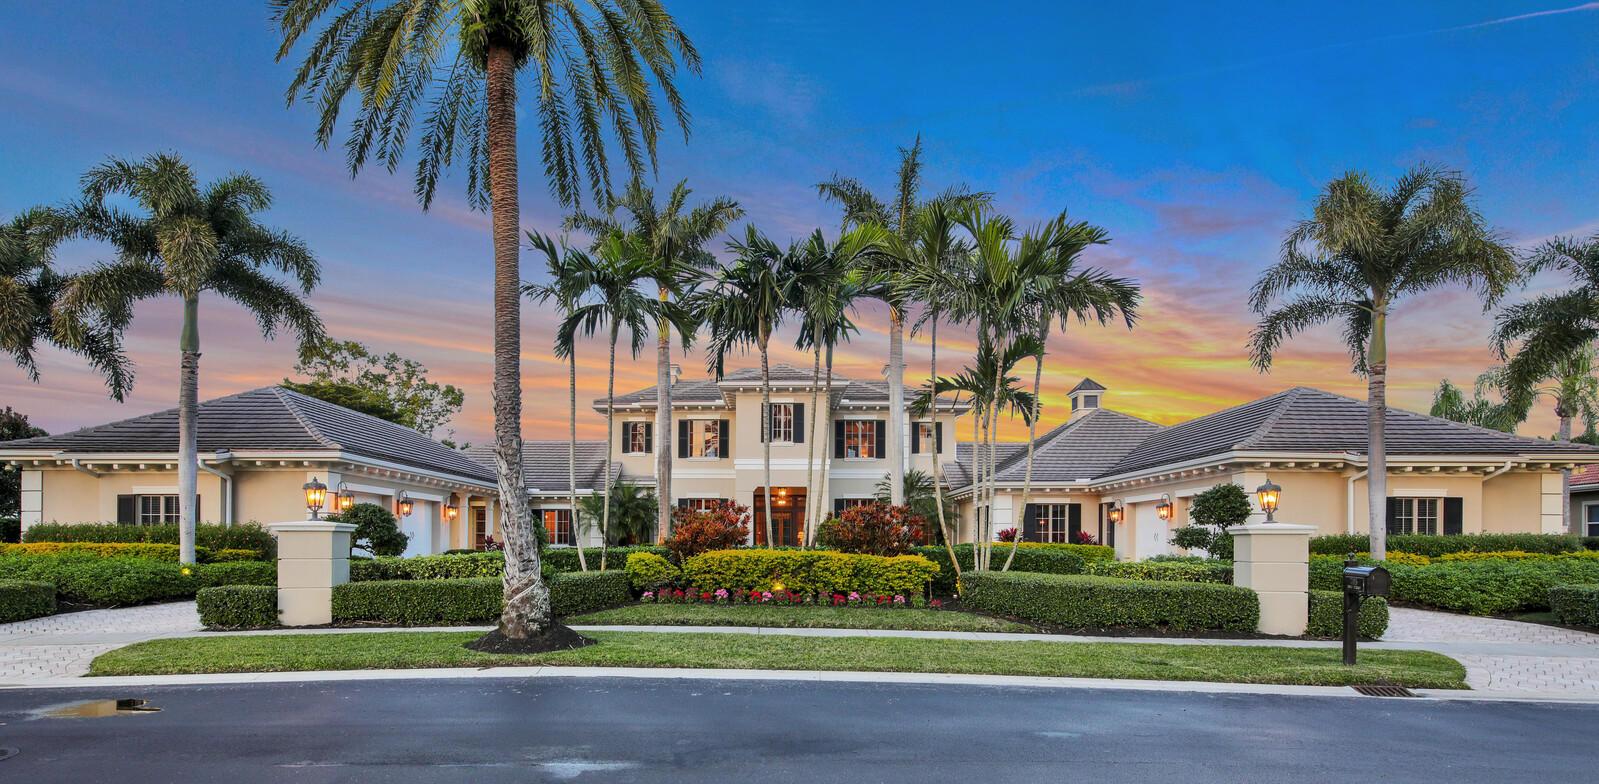 Details for 7115 Eagle Terrace, West Palm Beach, FL 33412